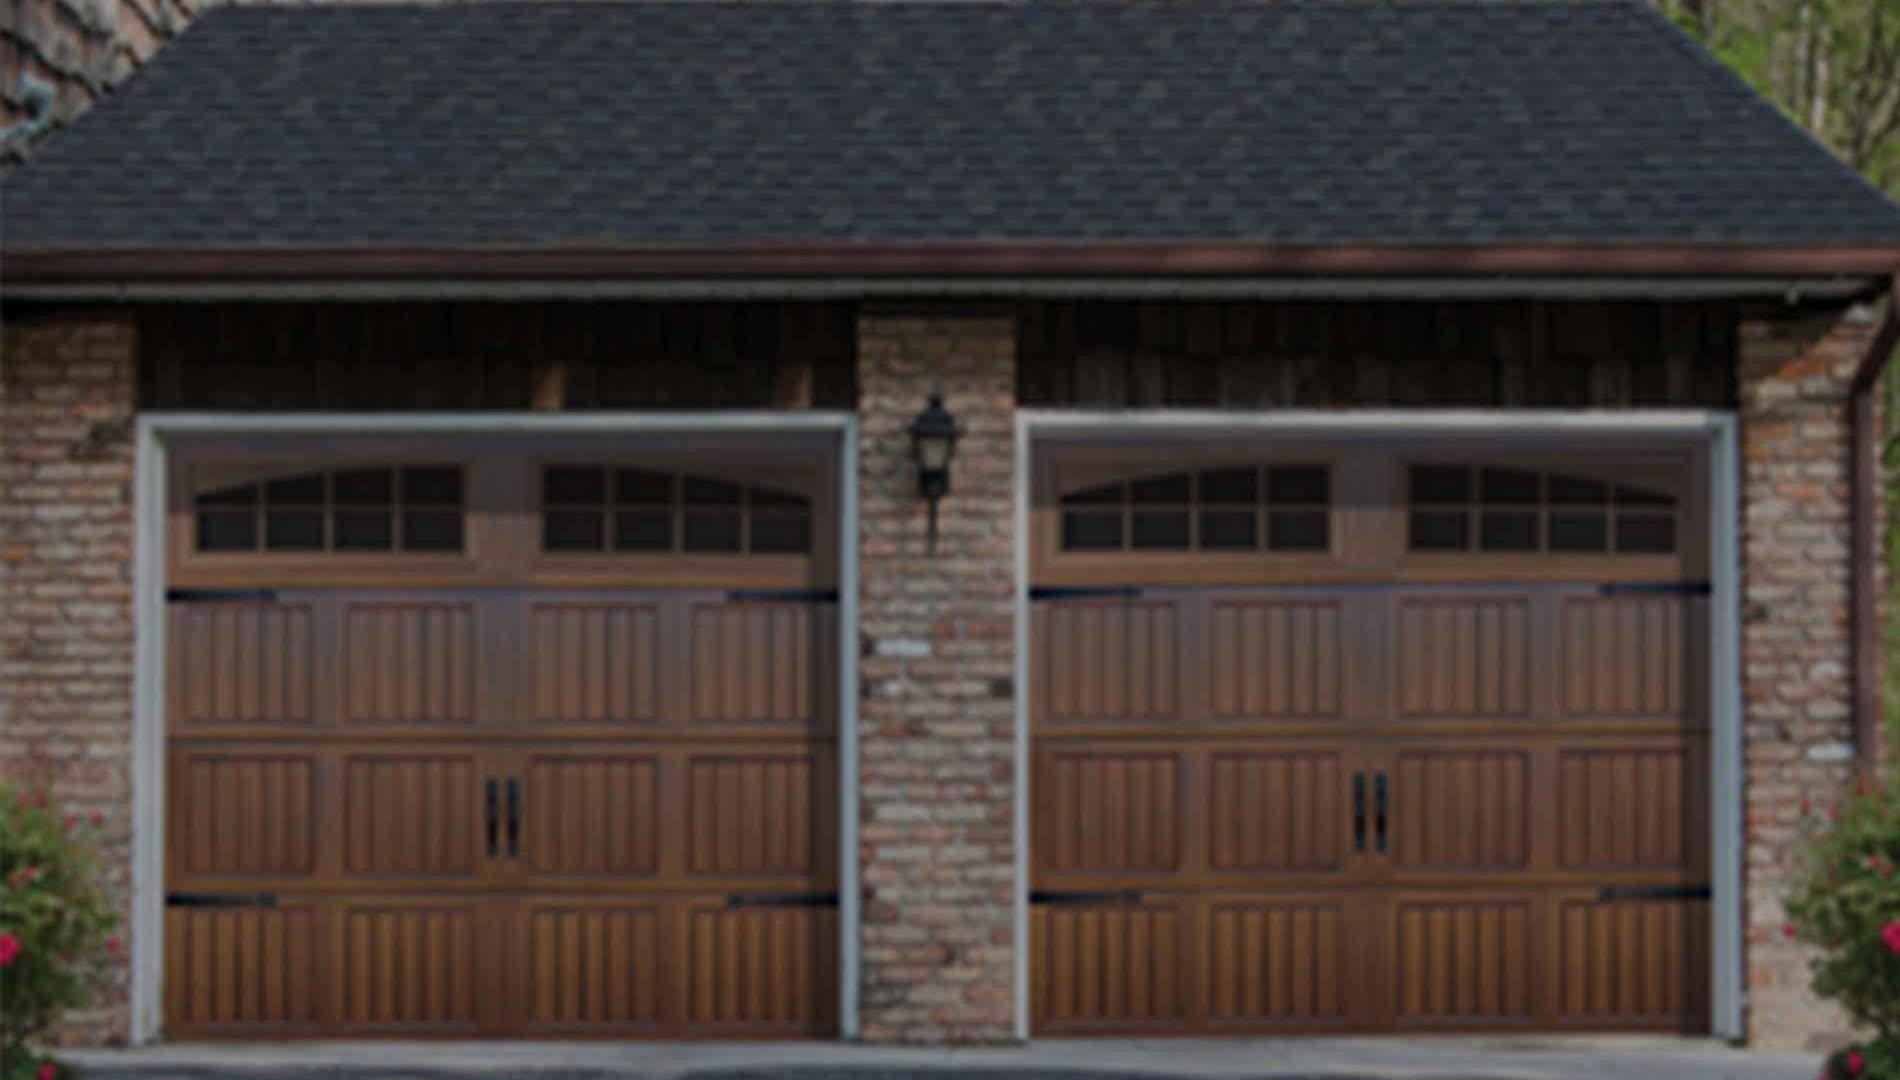 Residential Garage Door U0026 Gate Service   Plano,, TX   Plano Garage Door U0026  Opener Since 1977